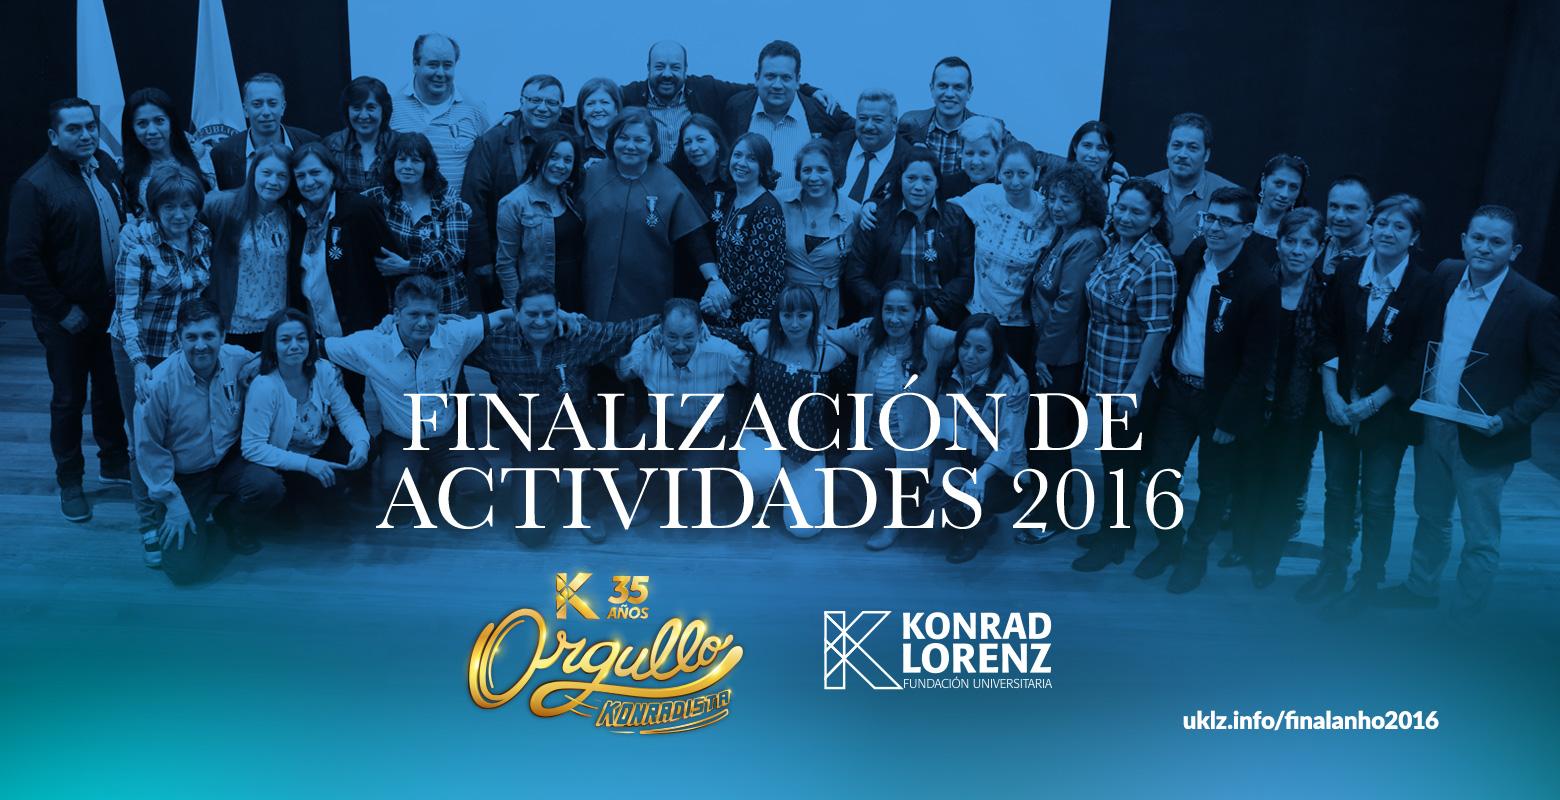 Finalización de actividades 2016